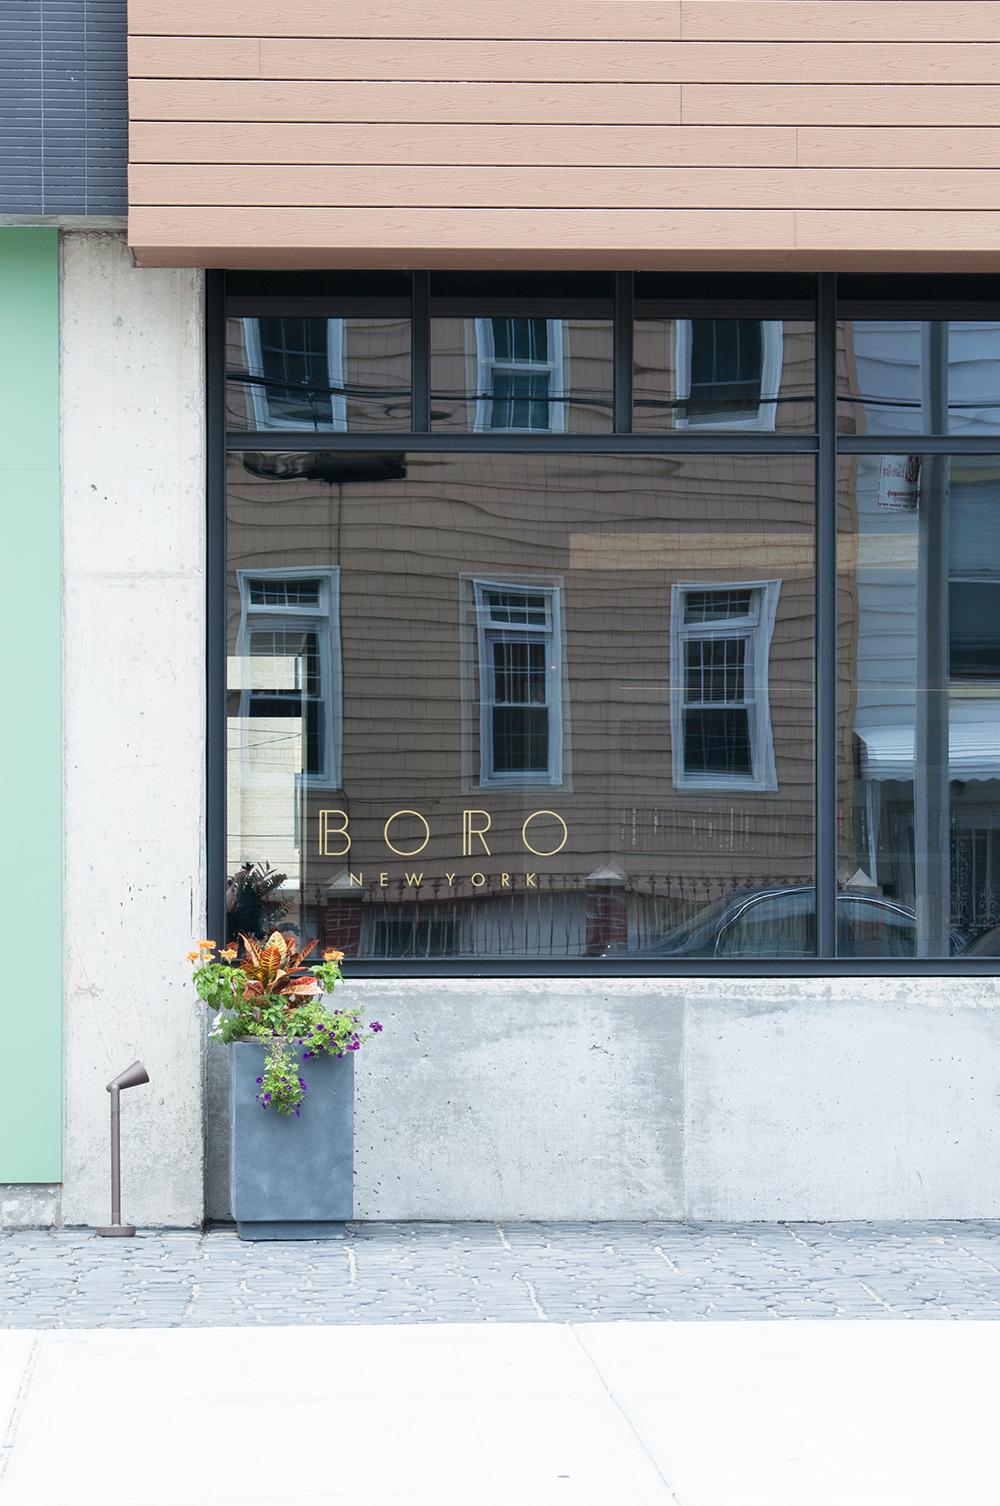 Boro Hotel NY © Renae Smith